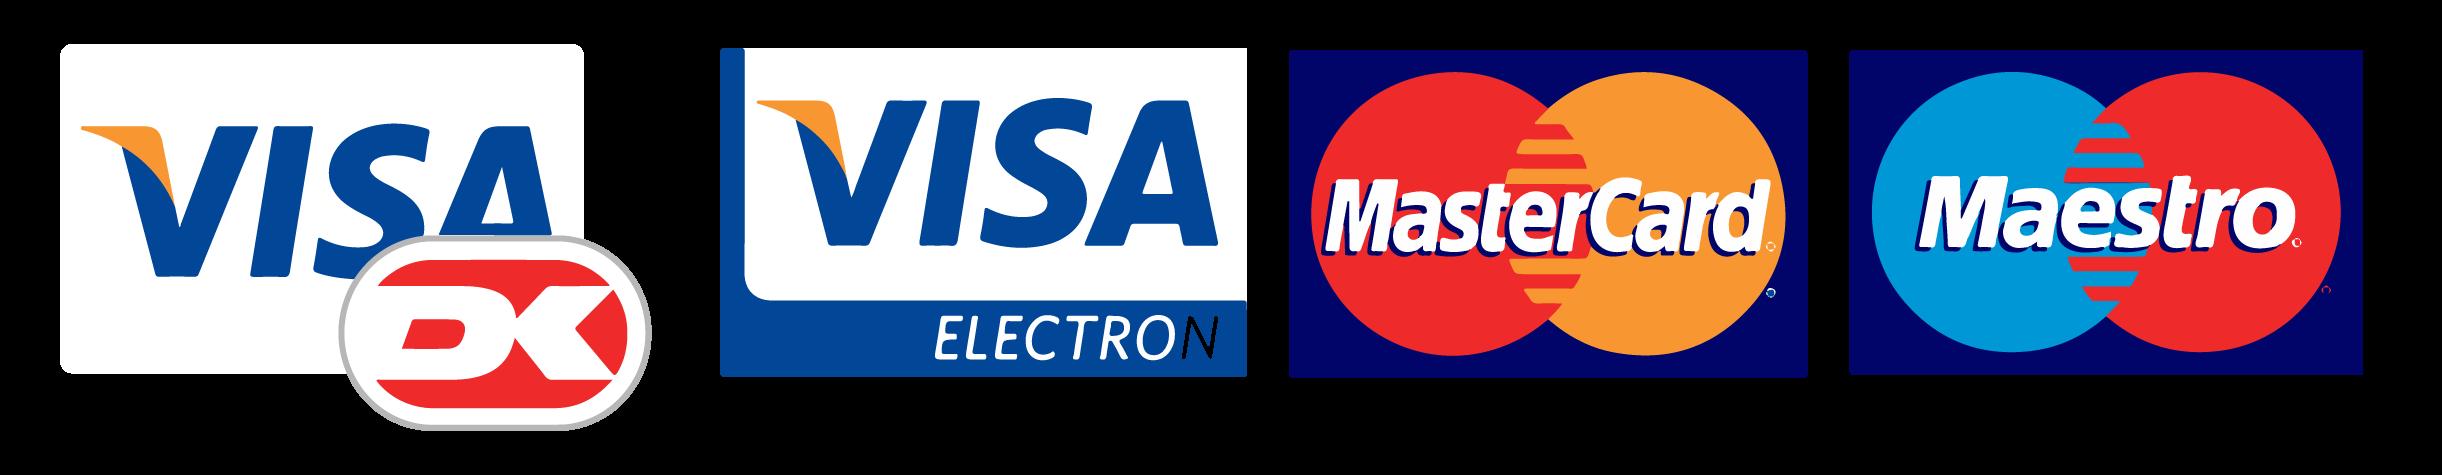 Accepting Visa and Mastercard